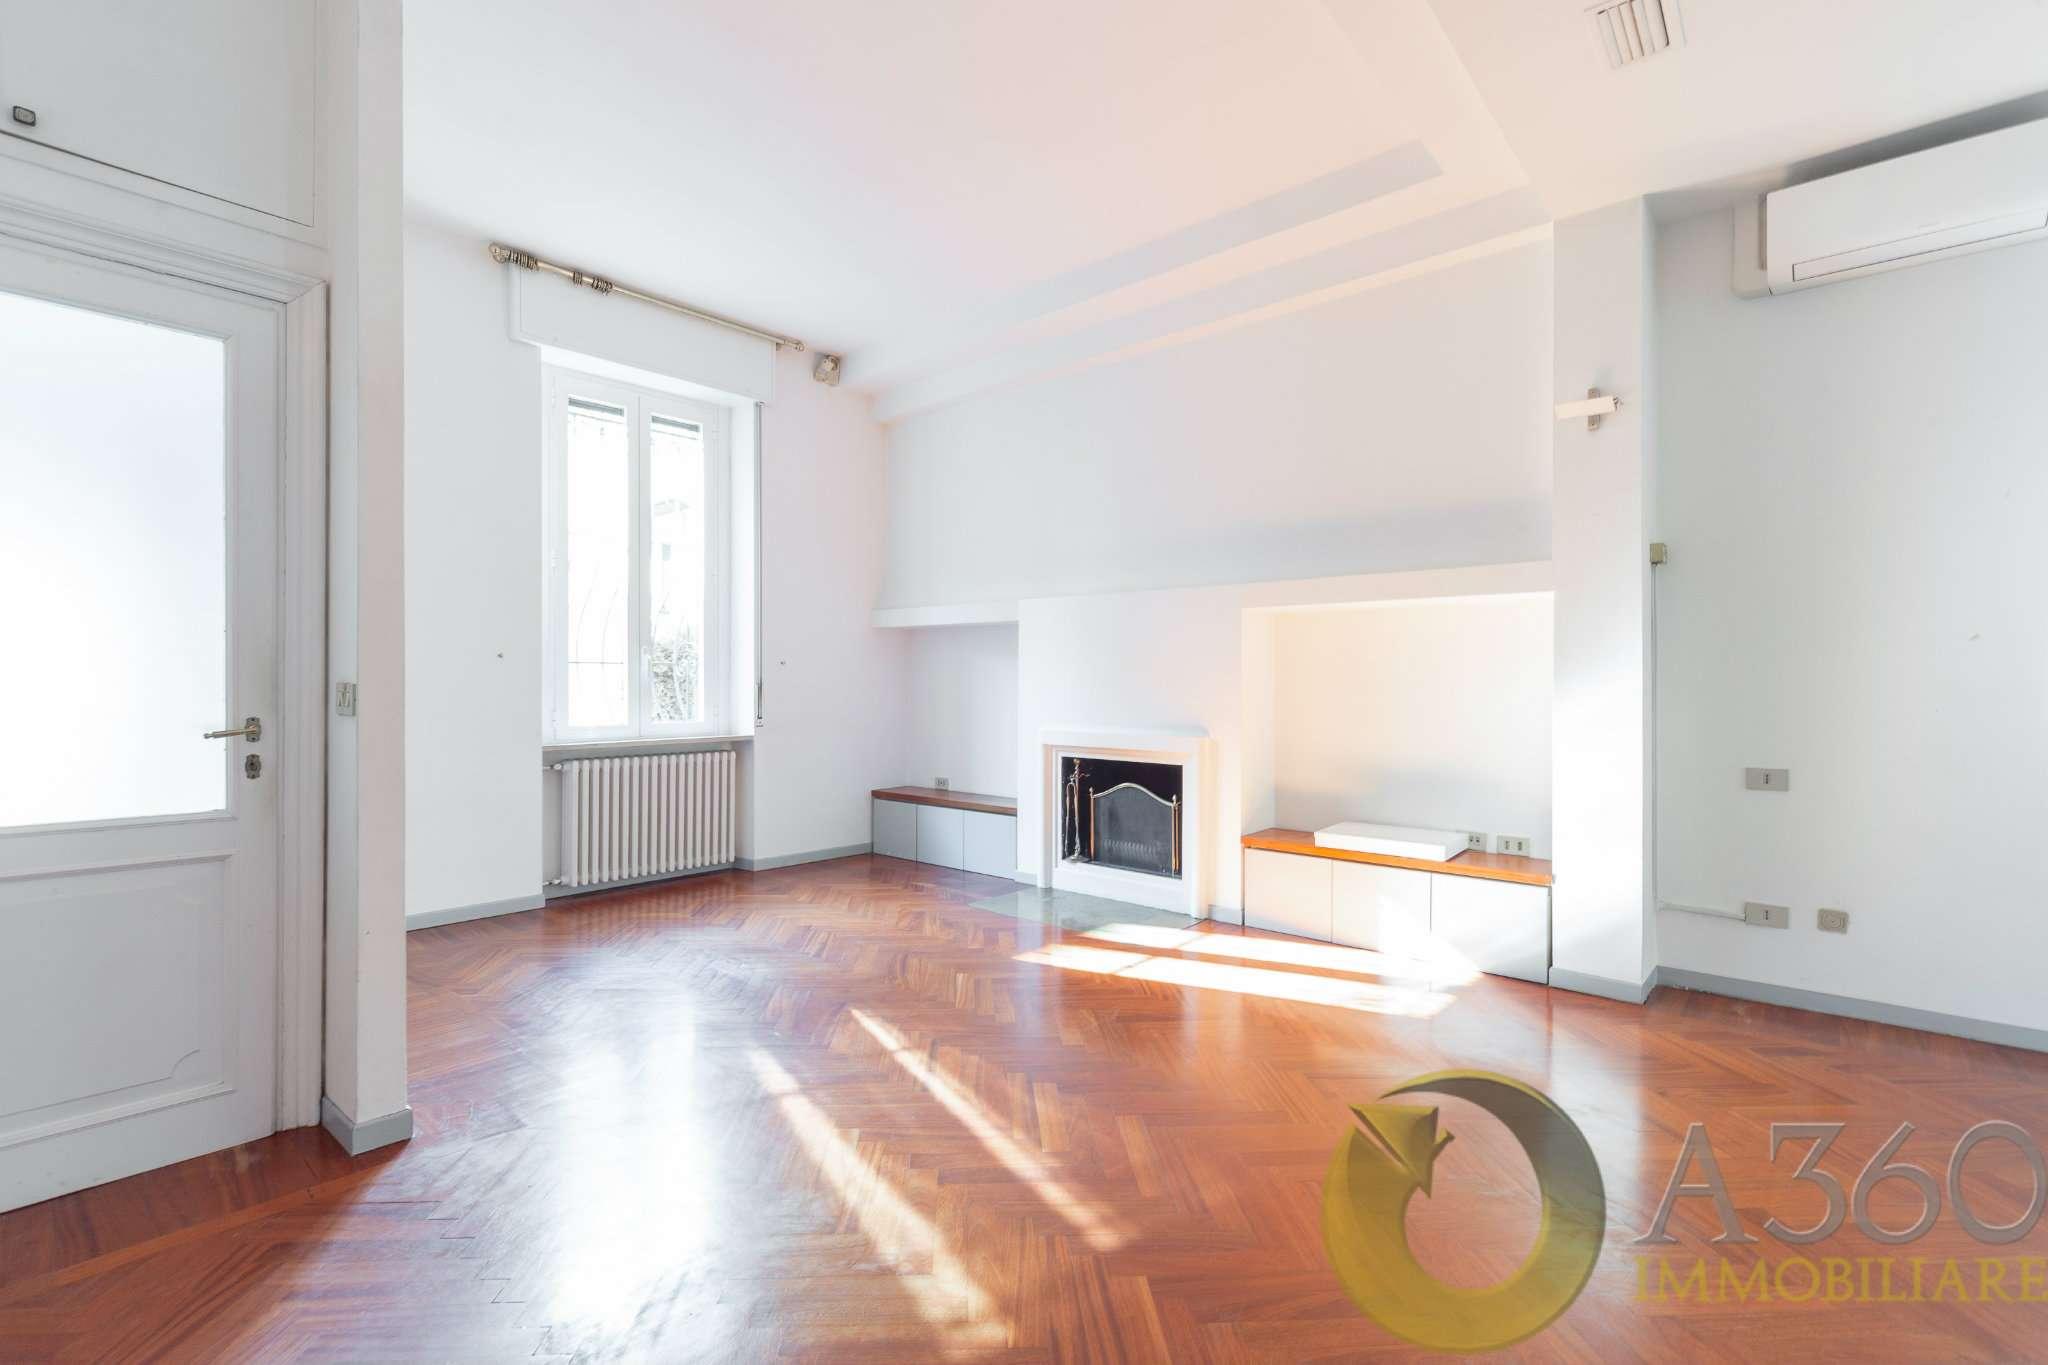 Villa in Vendita a Milano 17 Marghera / Wagner / Fiera: 5 locali, 200 mq